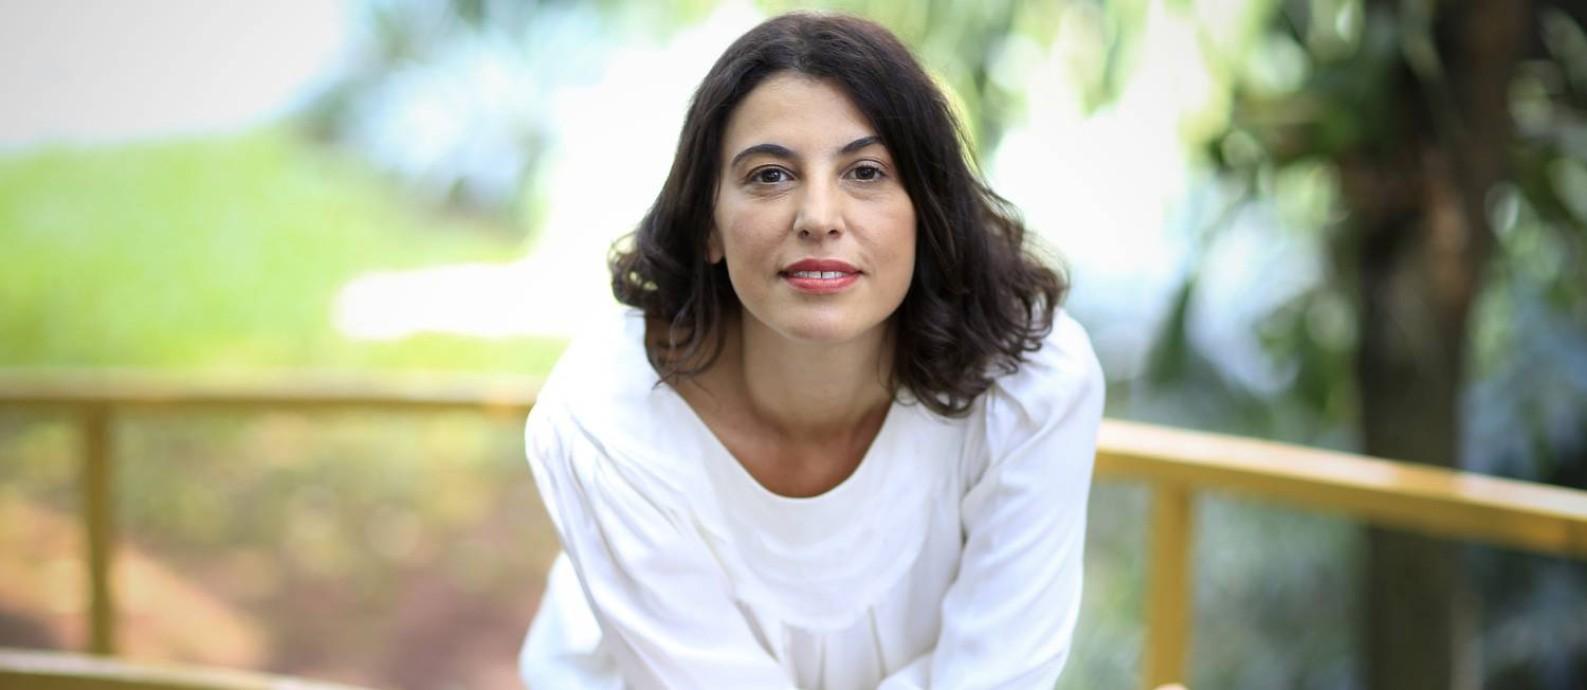 Escritora Giovana Madalosso Foto: Edilson Dantas / Agência O Globo